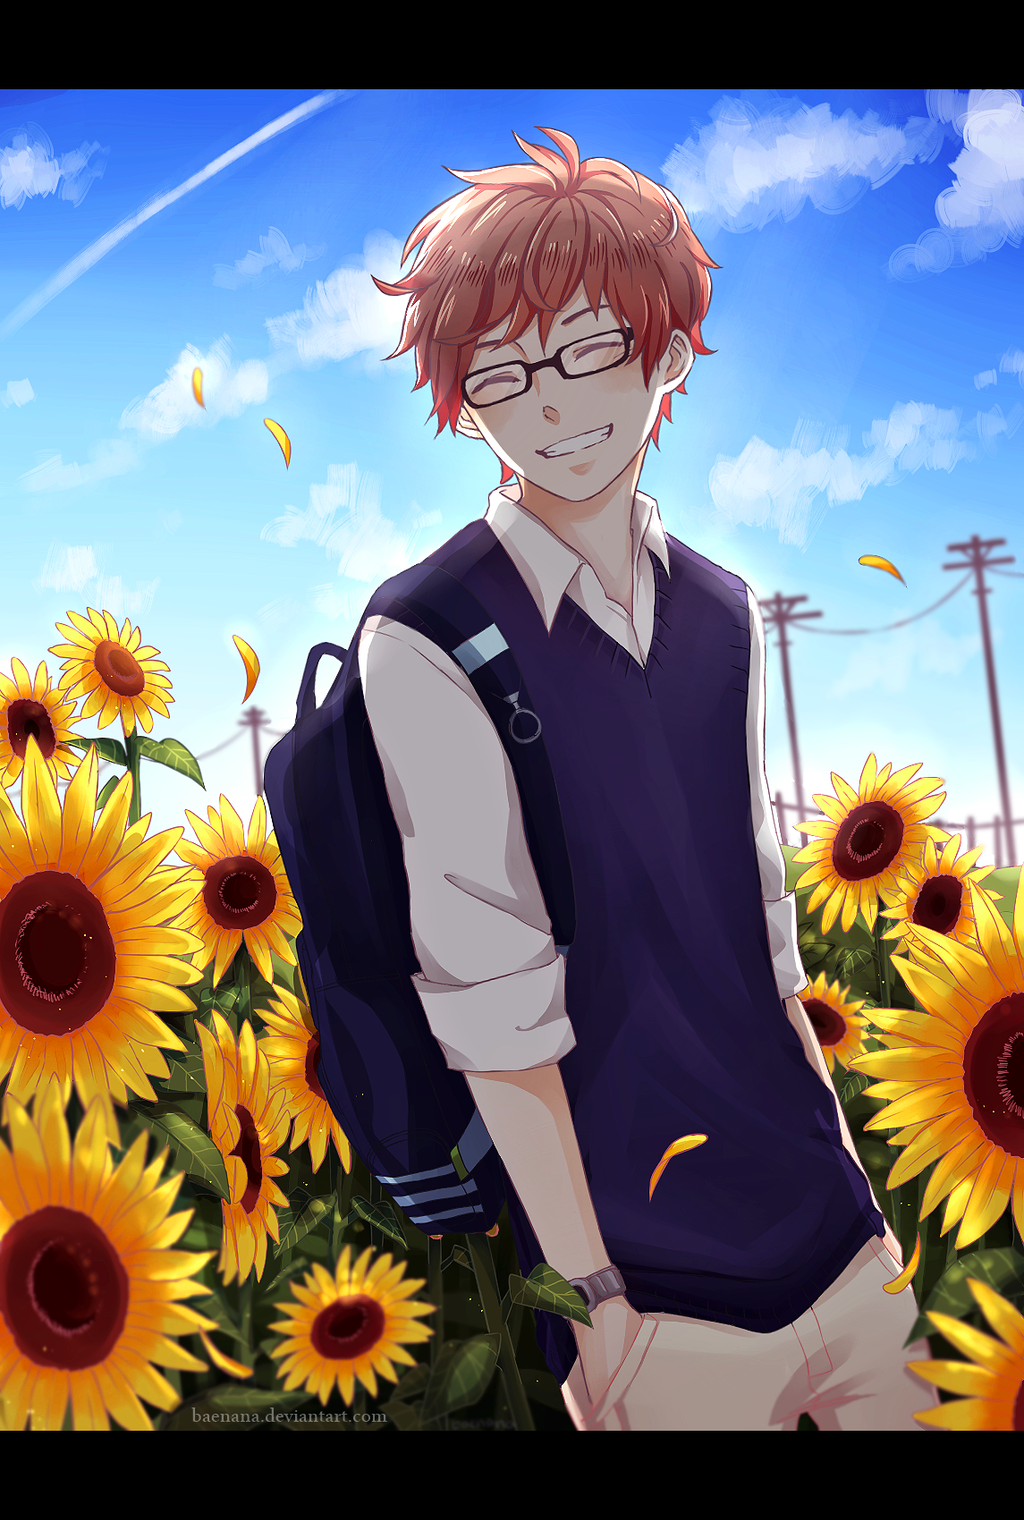 sunflower boy by baenana